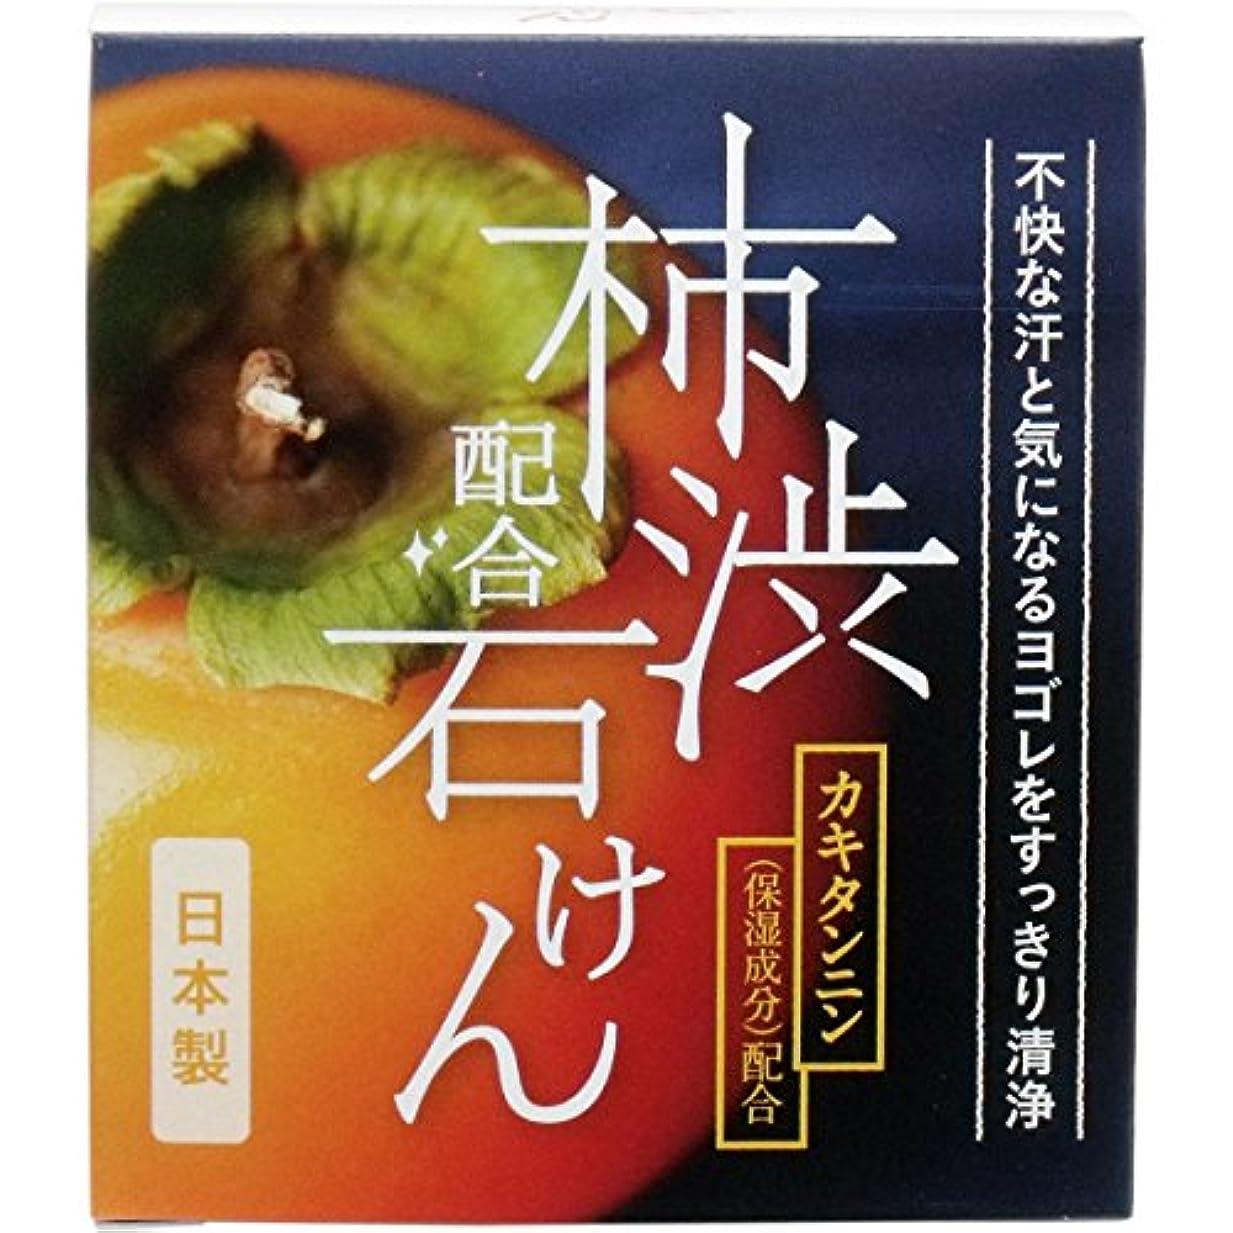 運動する裁判官飼い慣らすW柿渋配合石けん WHY-SKA 100g